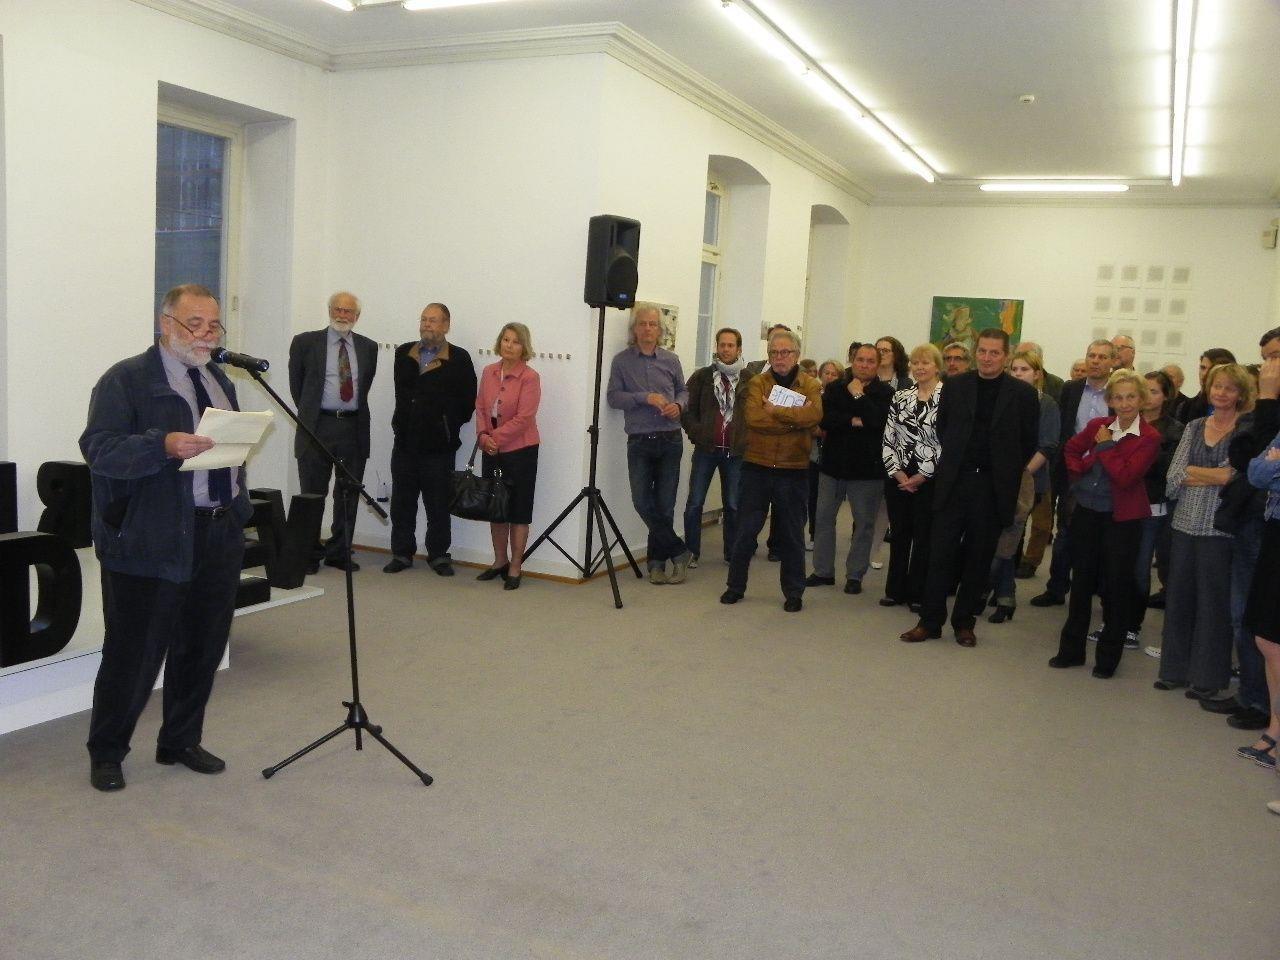 Vernissageredner Dr. Helmut Swozilek bei der Eröffnung im Künstlerhaus